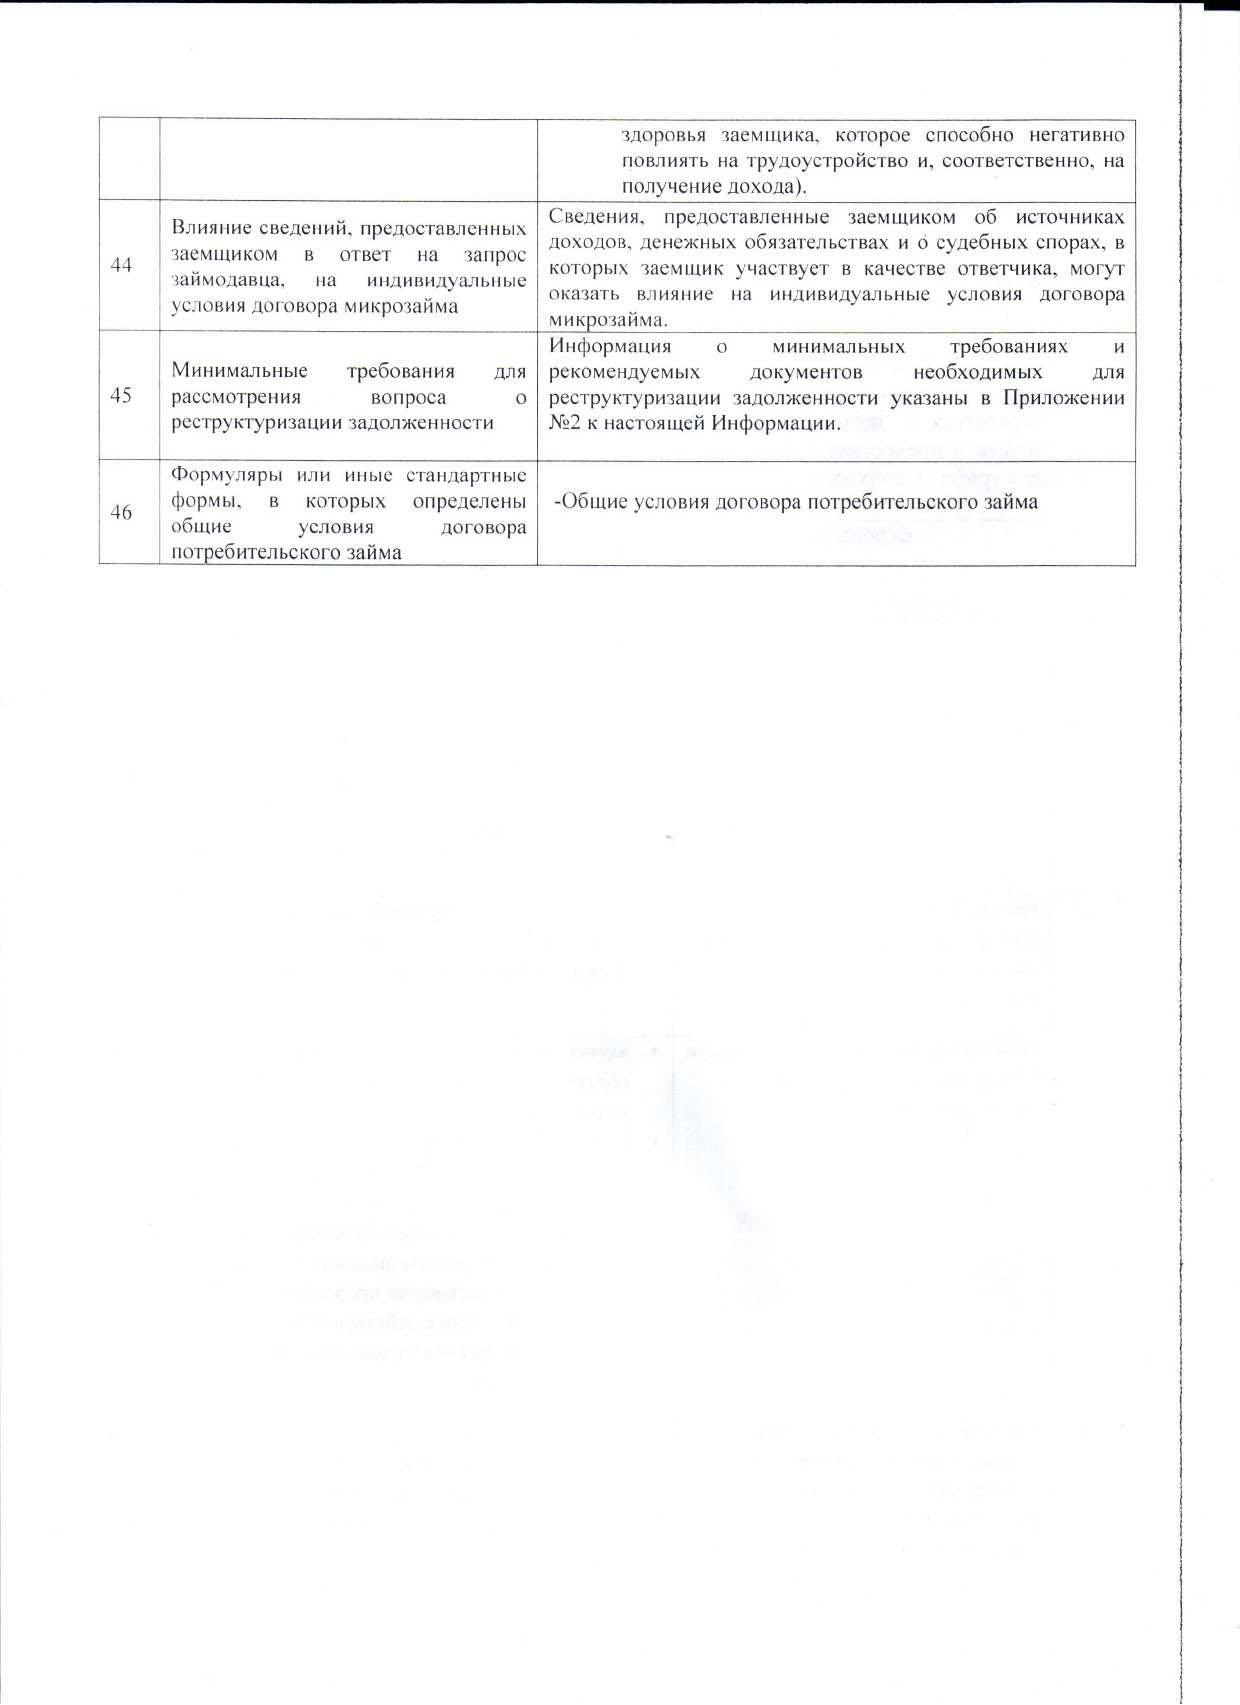 Информация об условиях предоставления, использования и возврата микрозаймов стр9